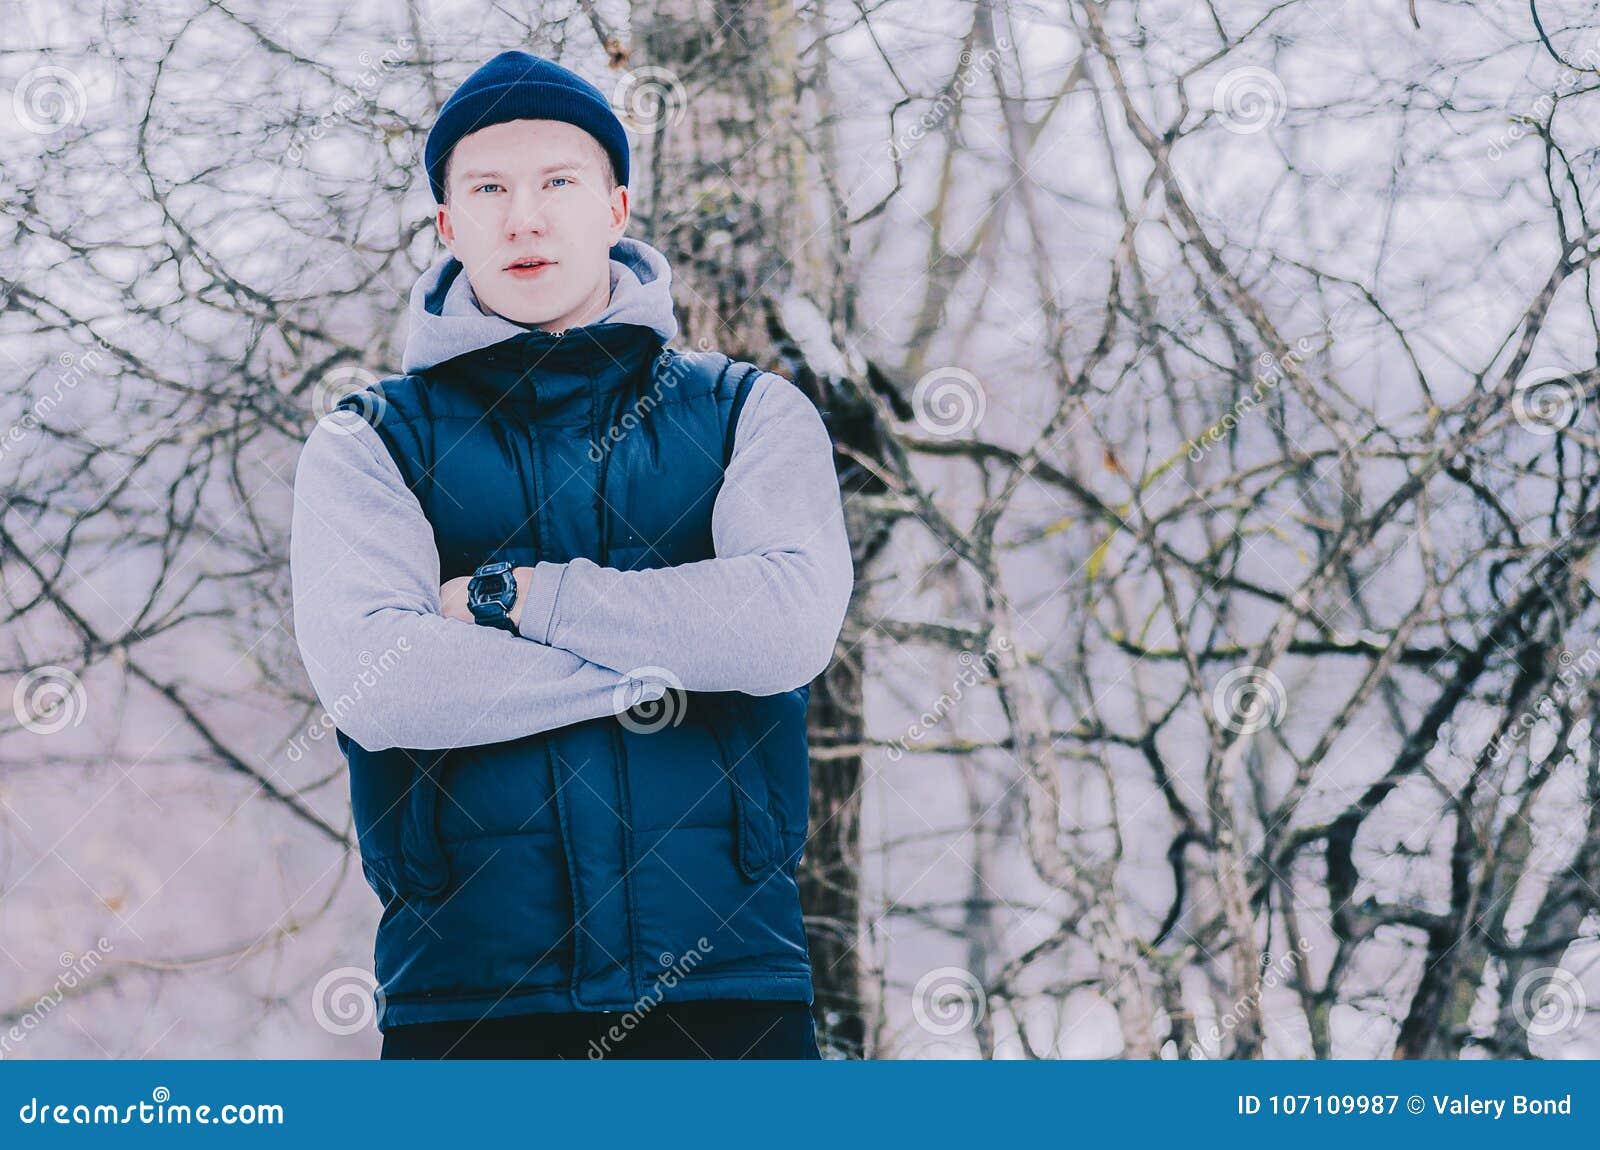 Man In Wood